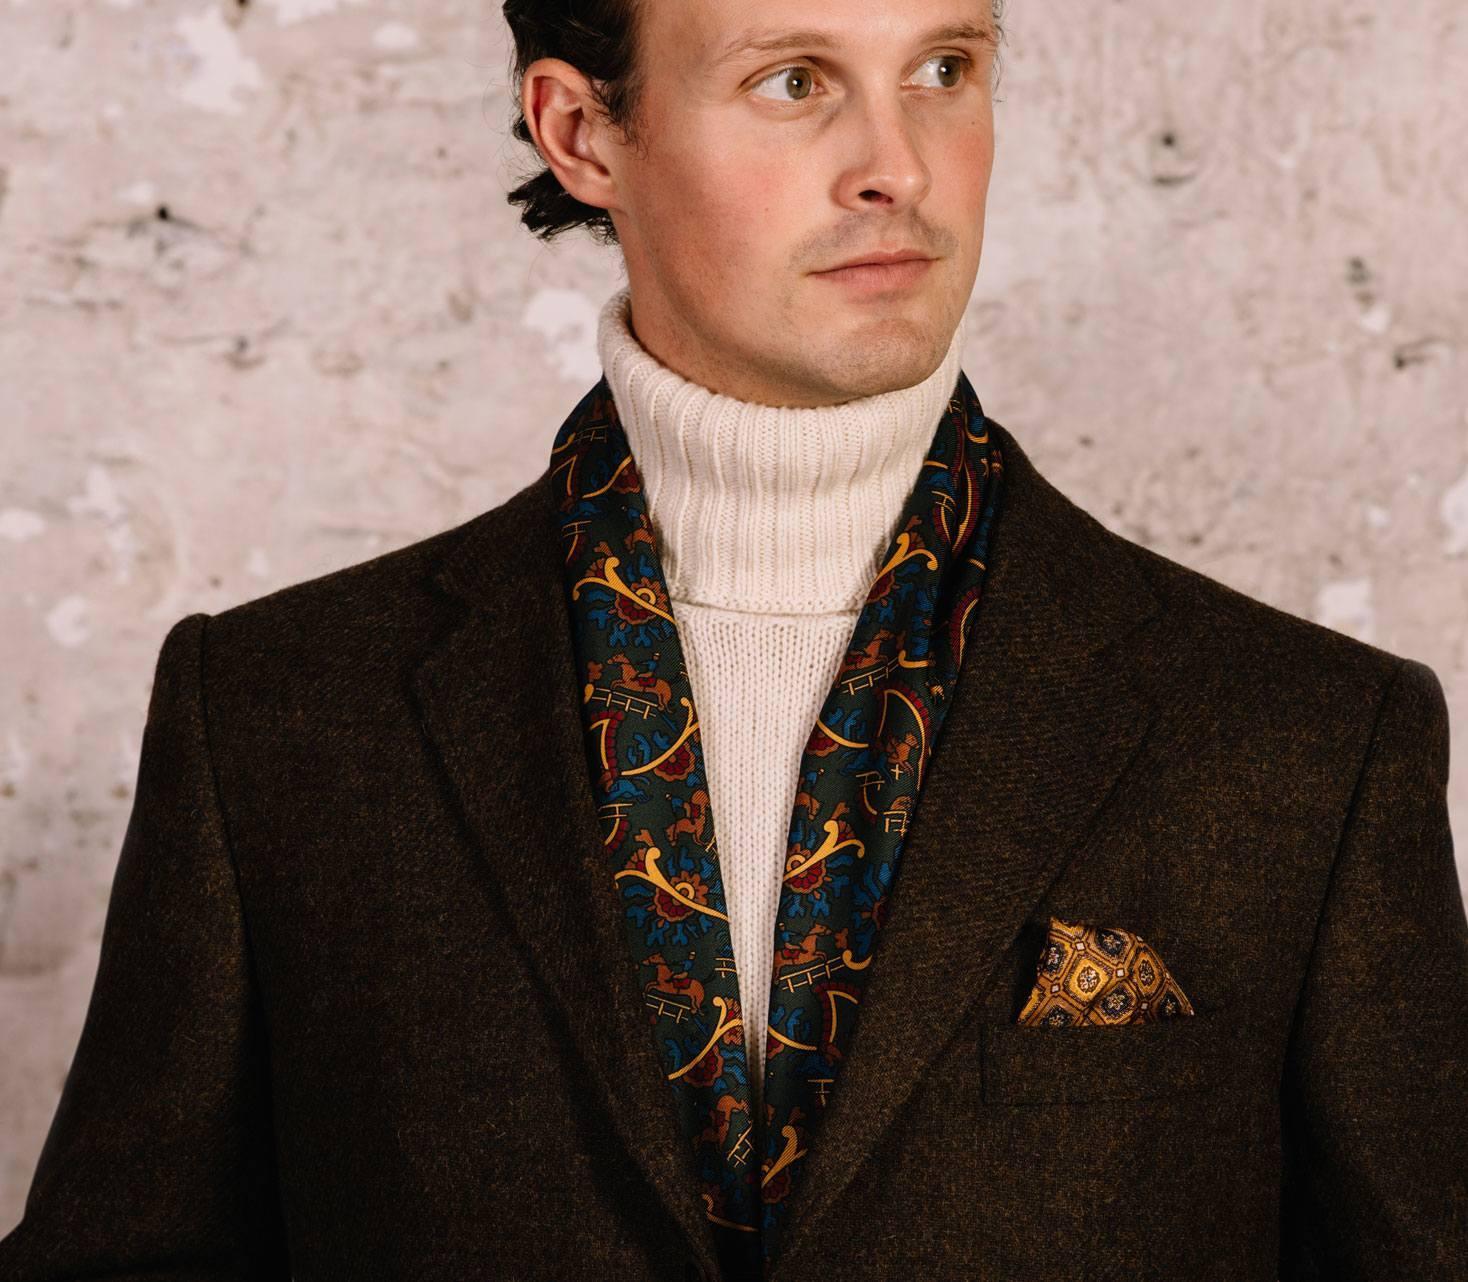 Shetland and Harris Tweed Jackets